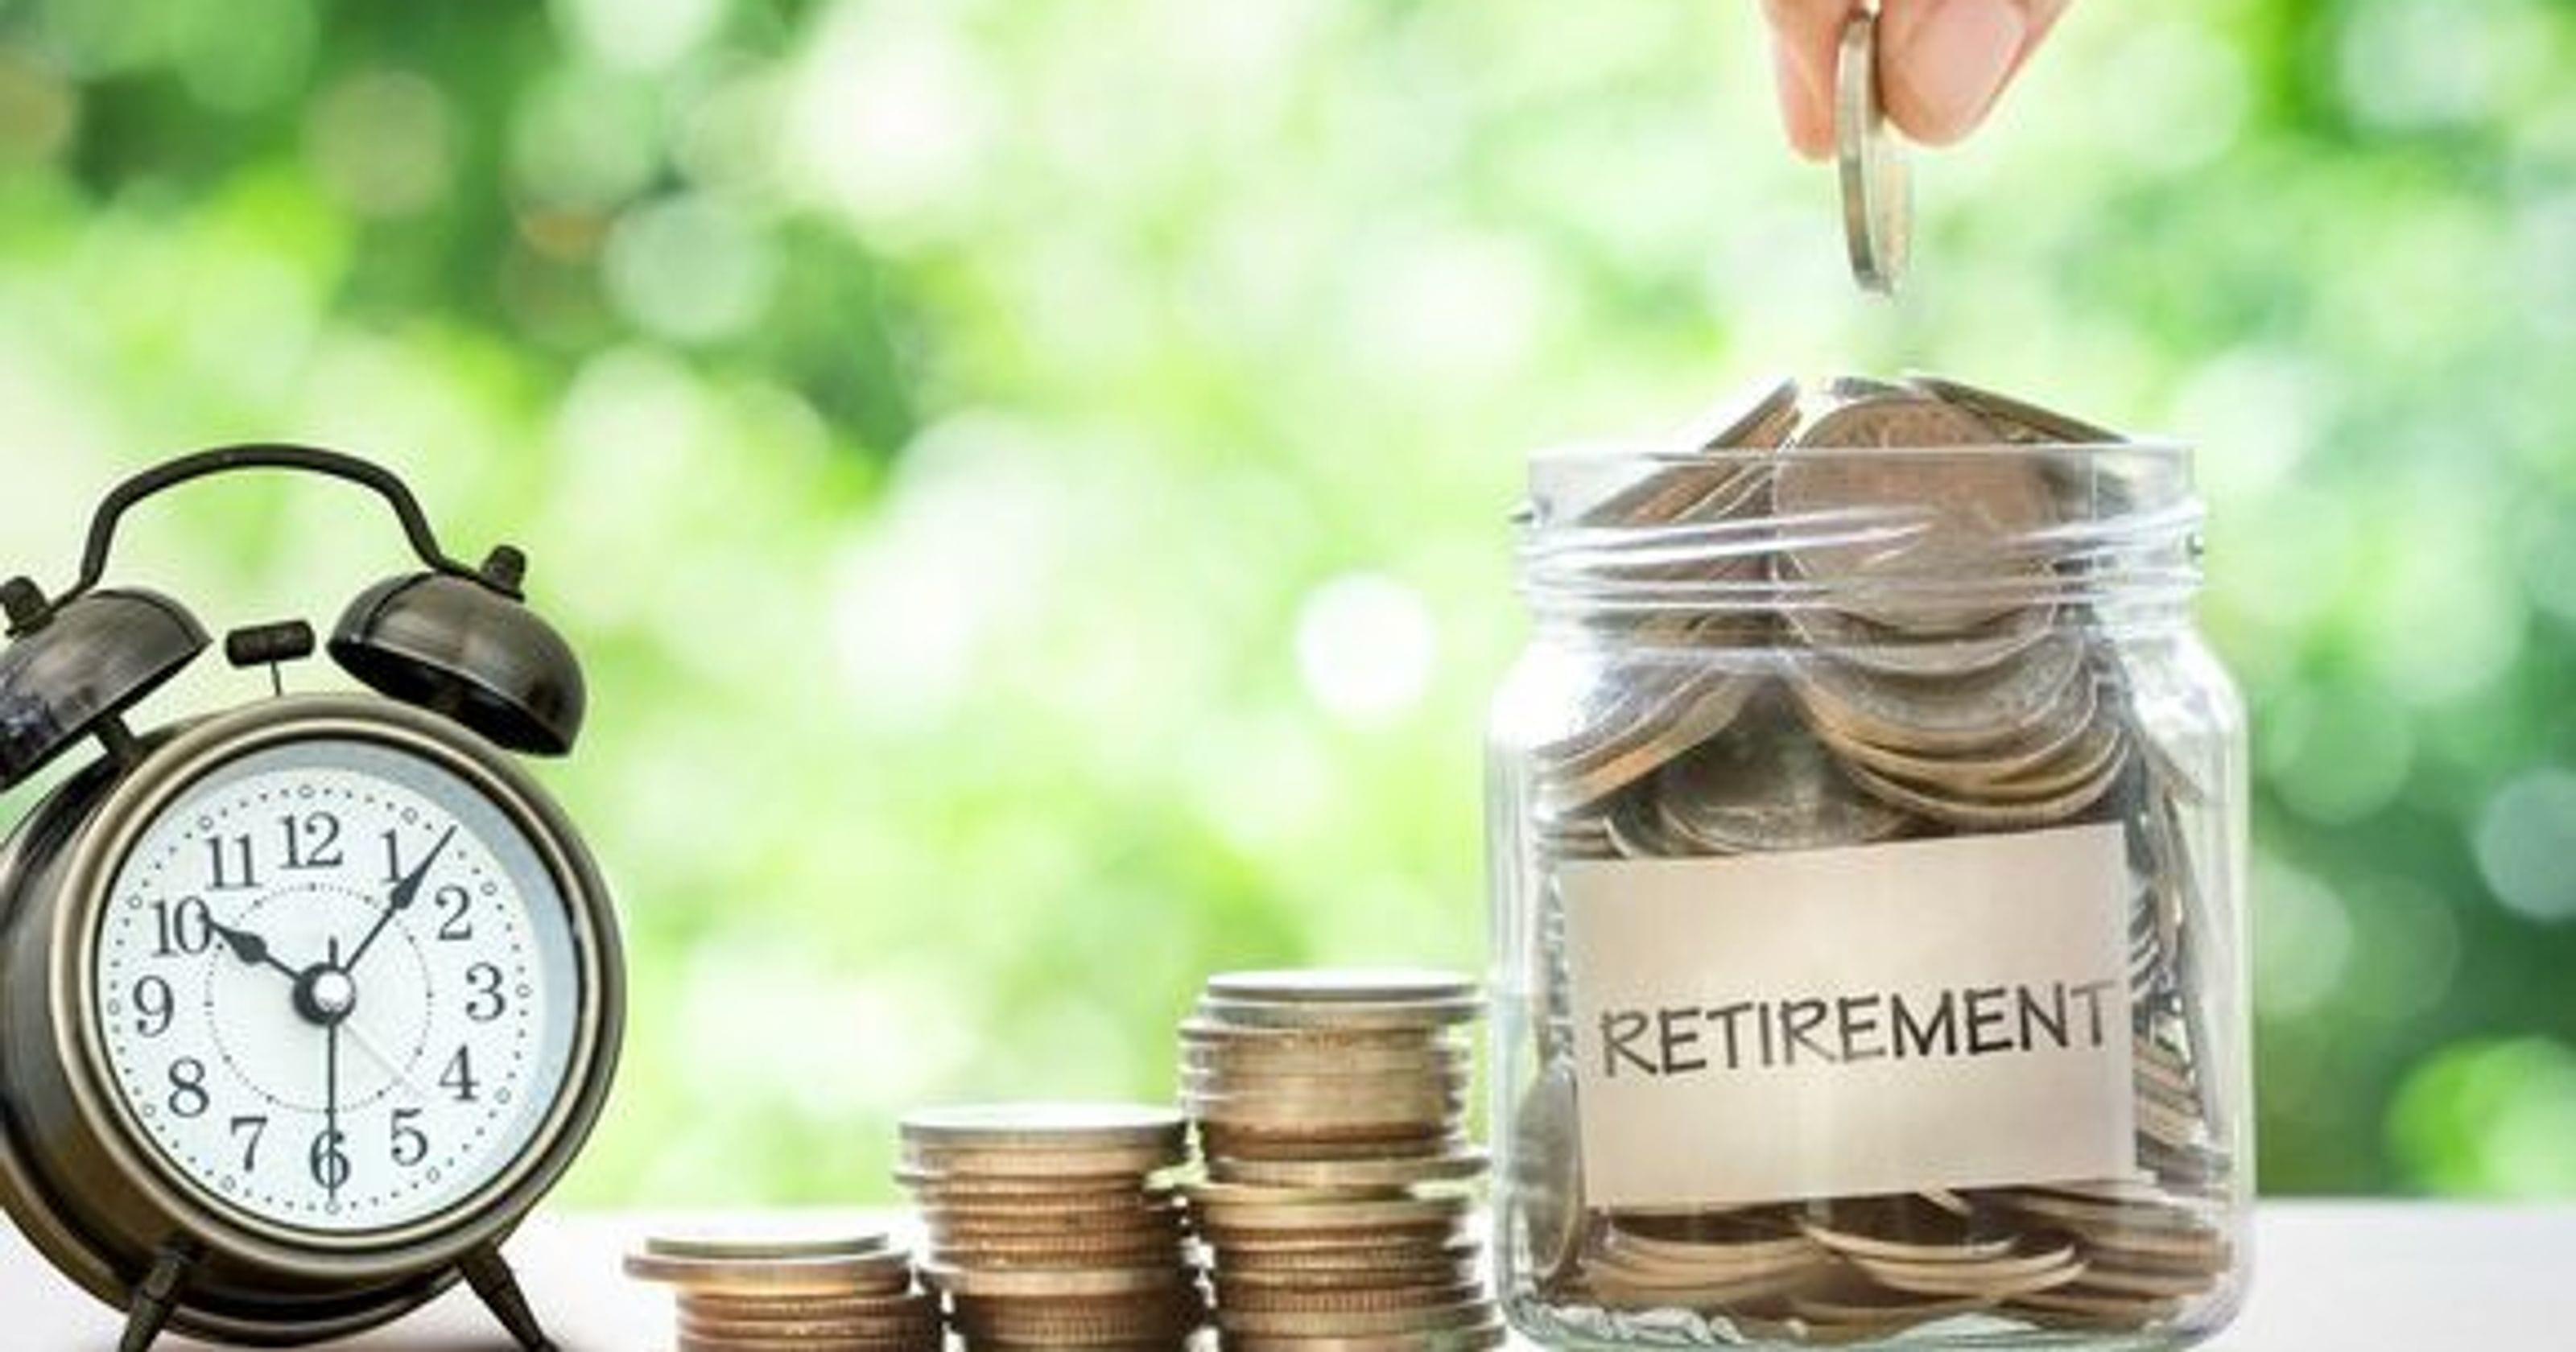 Quy hưu trí tự nguyện là gì